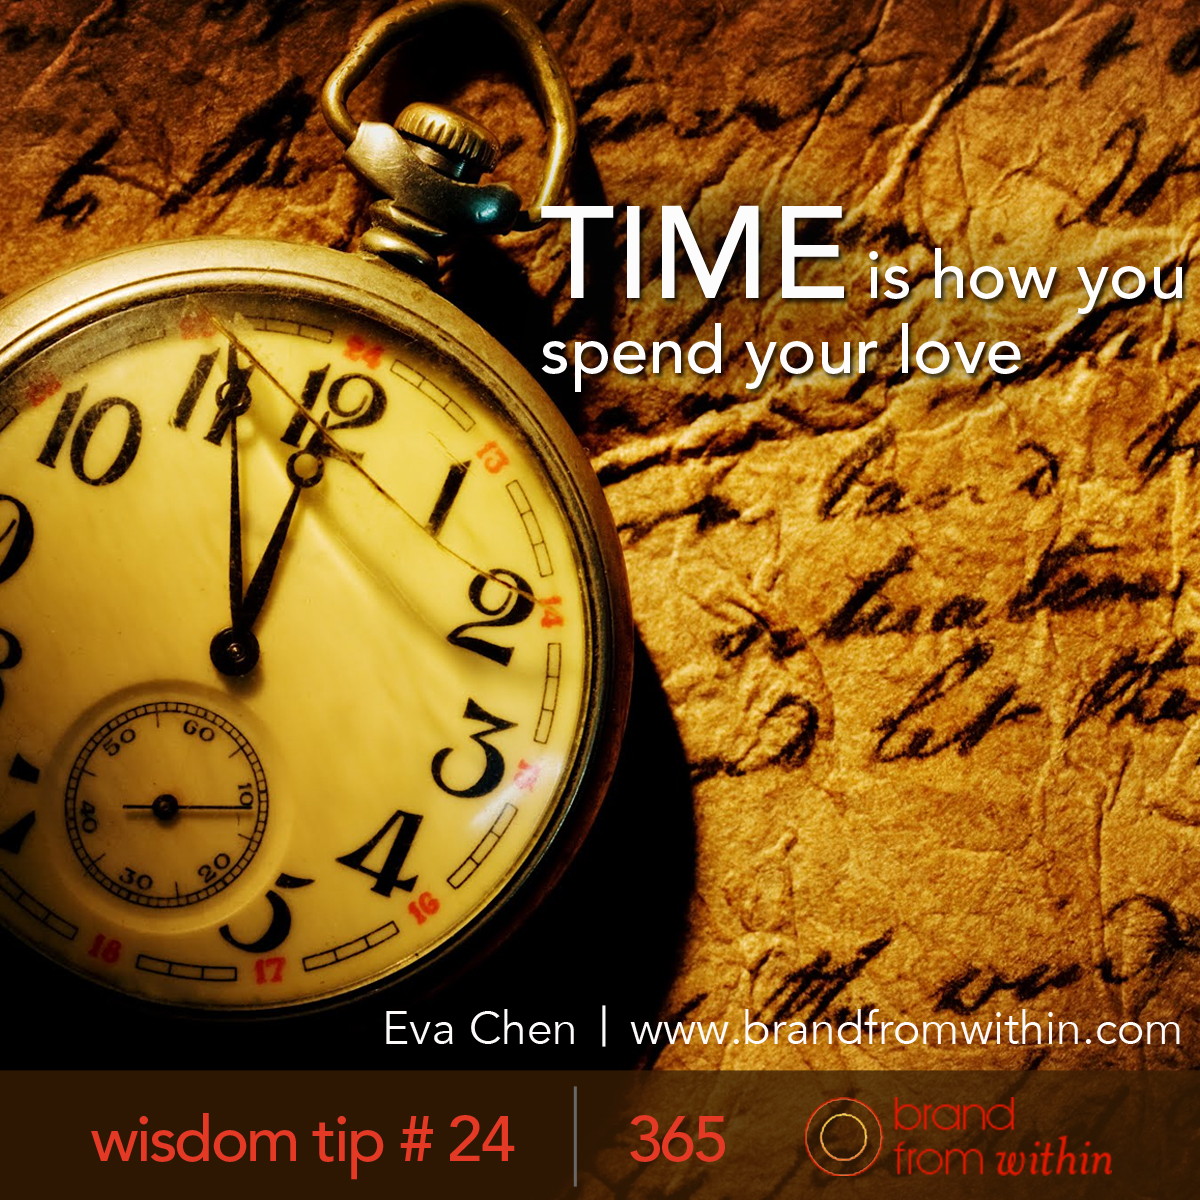 Day 24 Wisdom Tip